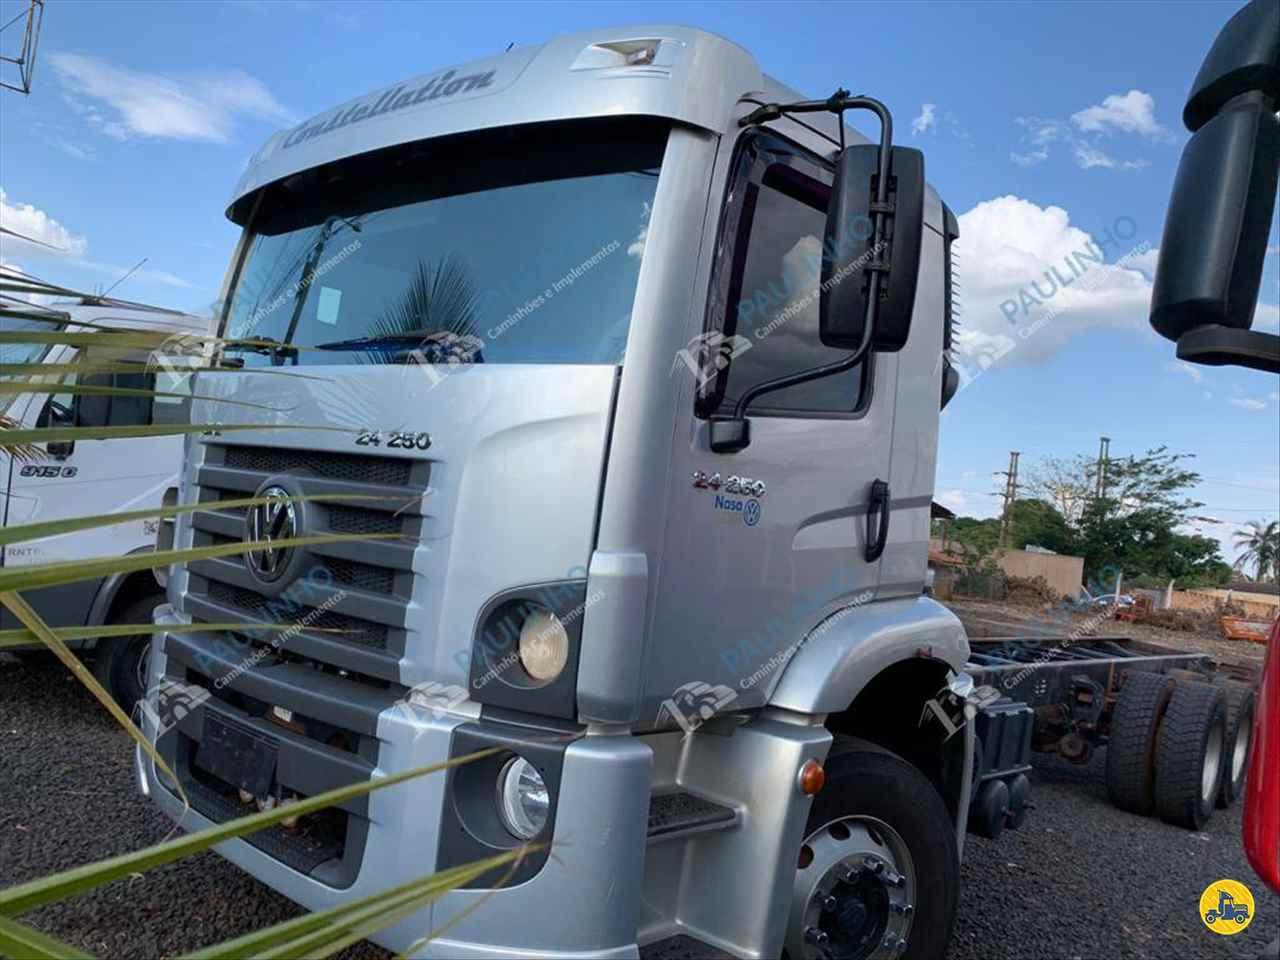 CAMINHAO VOLKSWAGEN VW 24250 Cavalo Mecânico Truck 6x2 Paulinho Caminhões RIO VERDE GOIAS GO